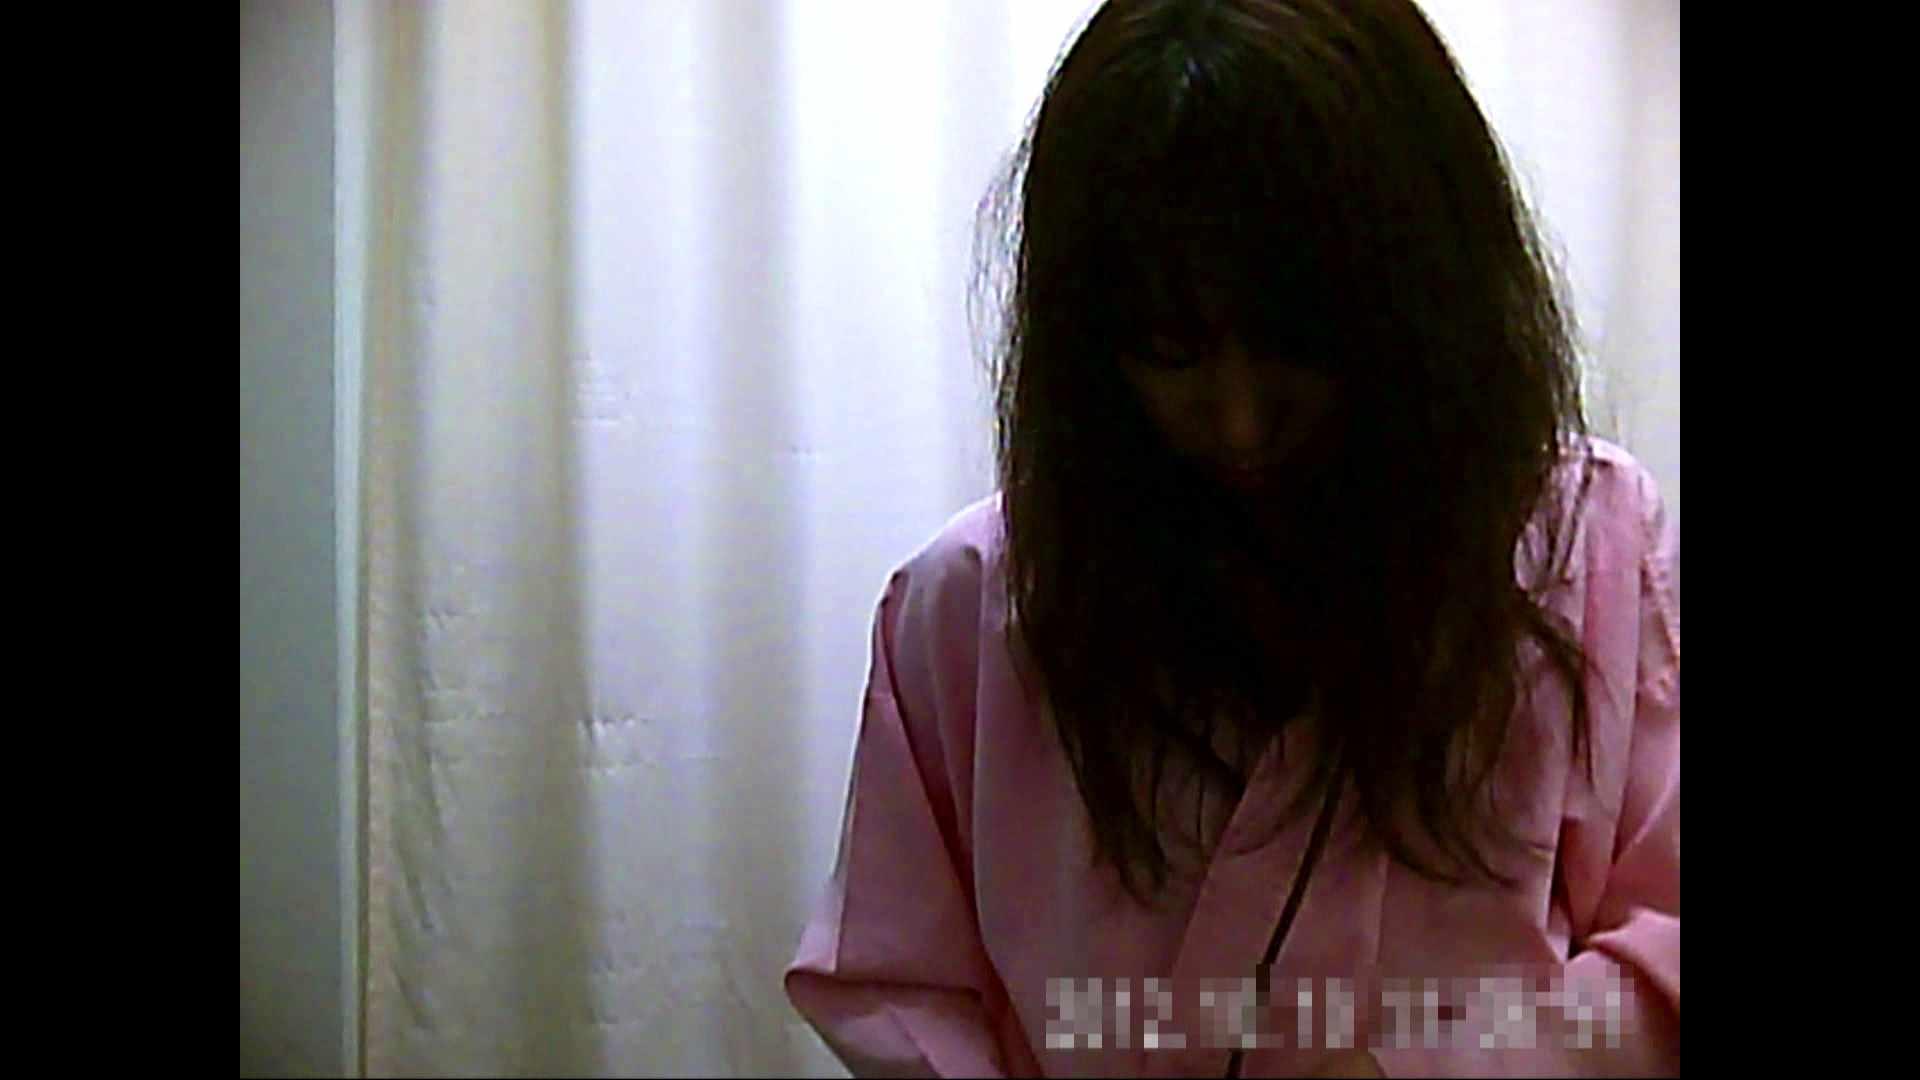 元医者による反抗 更衣室地獄絵巻 vol.064 お姉さん  53PIX 6